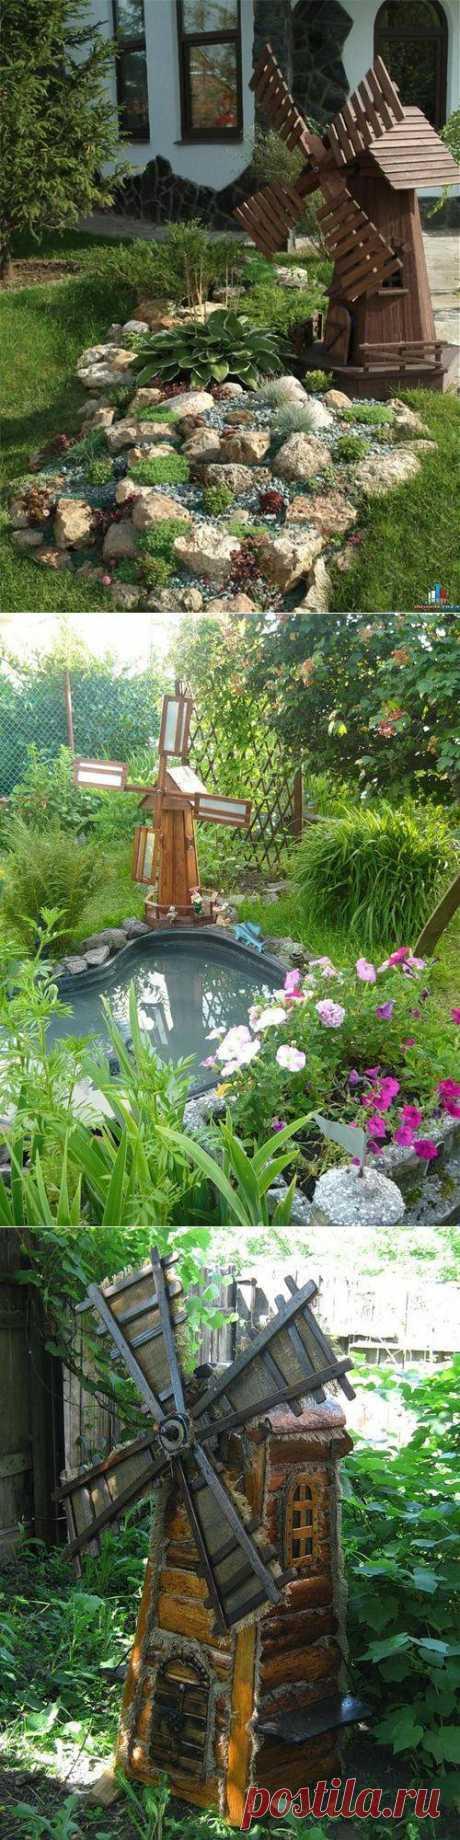 Мельница своими руками. Как сделать мельницу для декора сада?